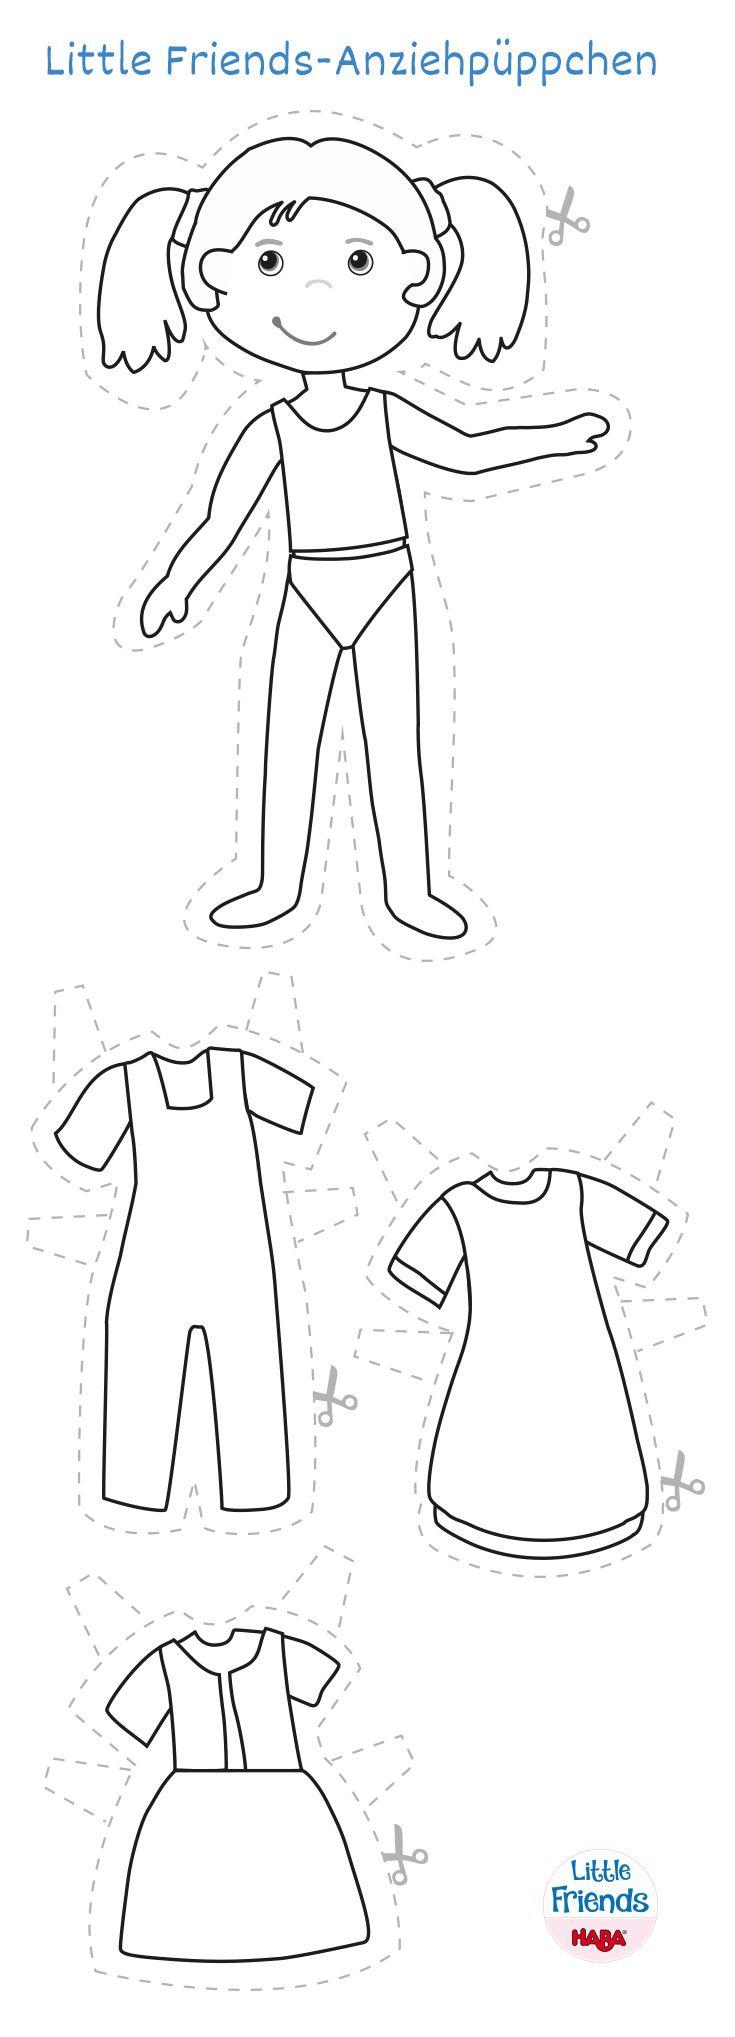 Was anziehen beim kennenlernen der eltern